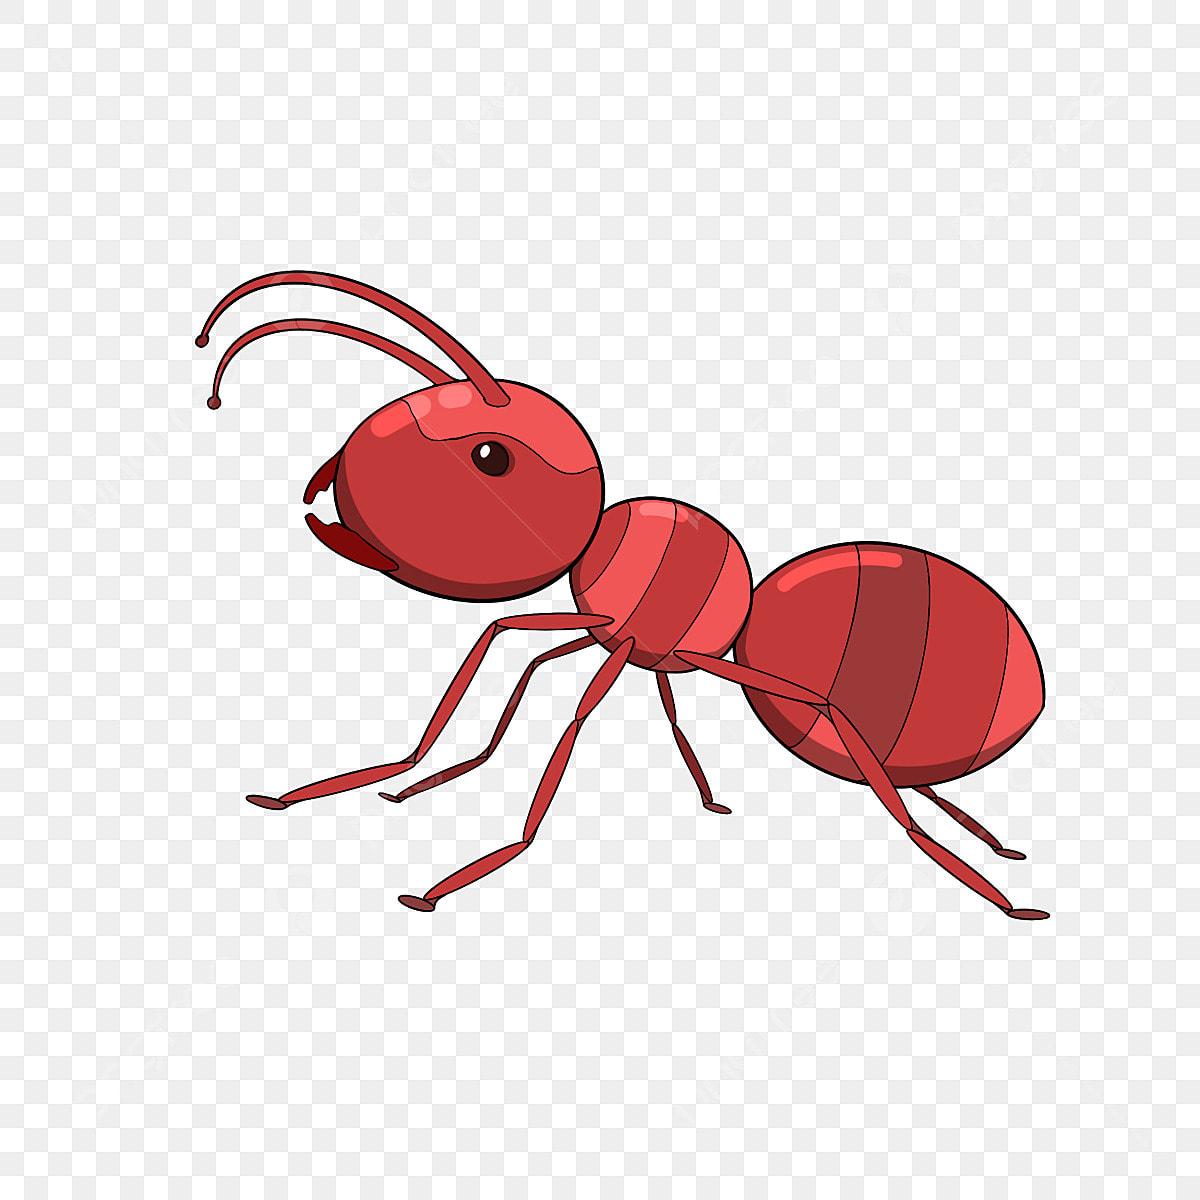 Semut Merah Gambar Png File Vektor Dan Psd Unduh Gratis Di Pngtree